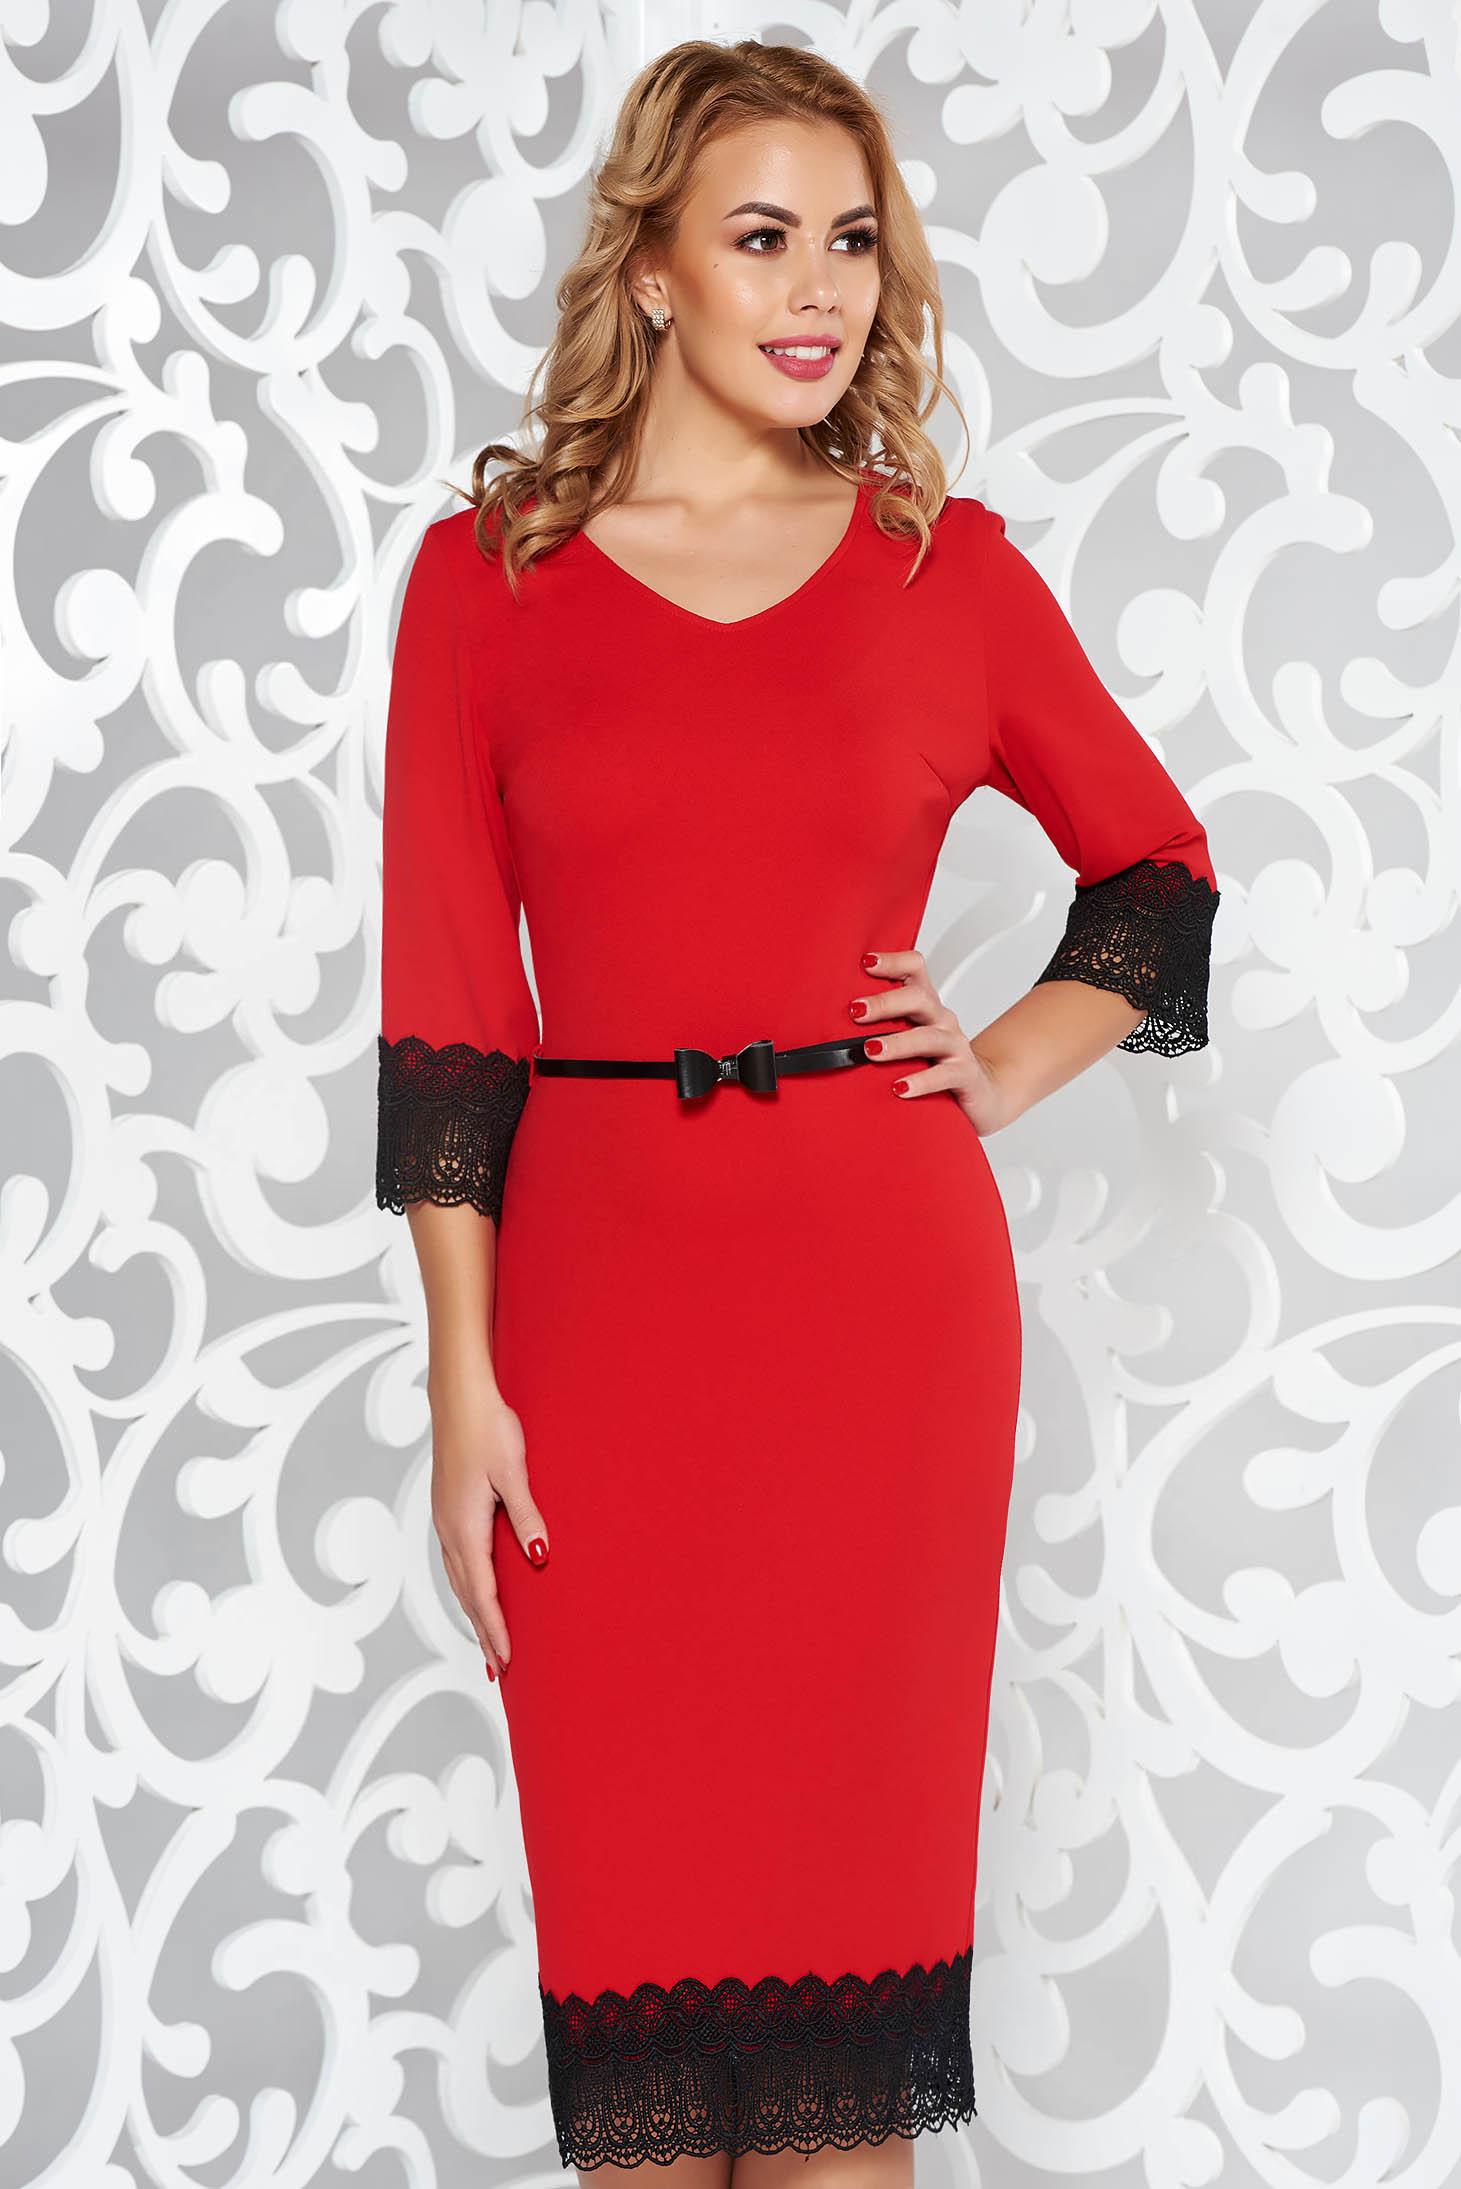 Piros elegáns ceruza ruha rugalmas anyag csipke díszítéssel öv típusú kiegészítővel